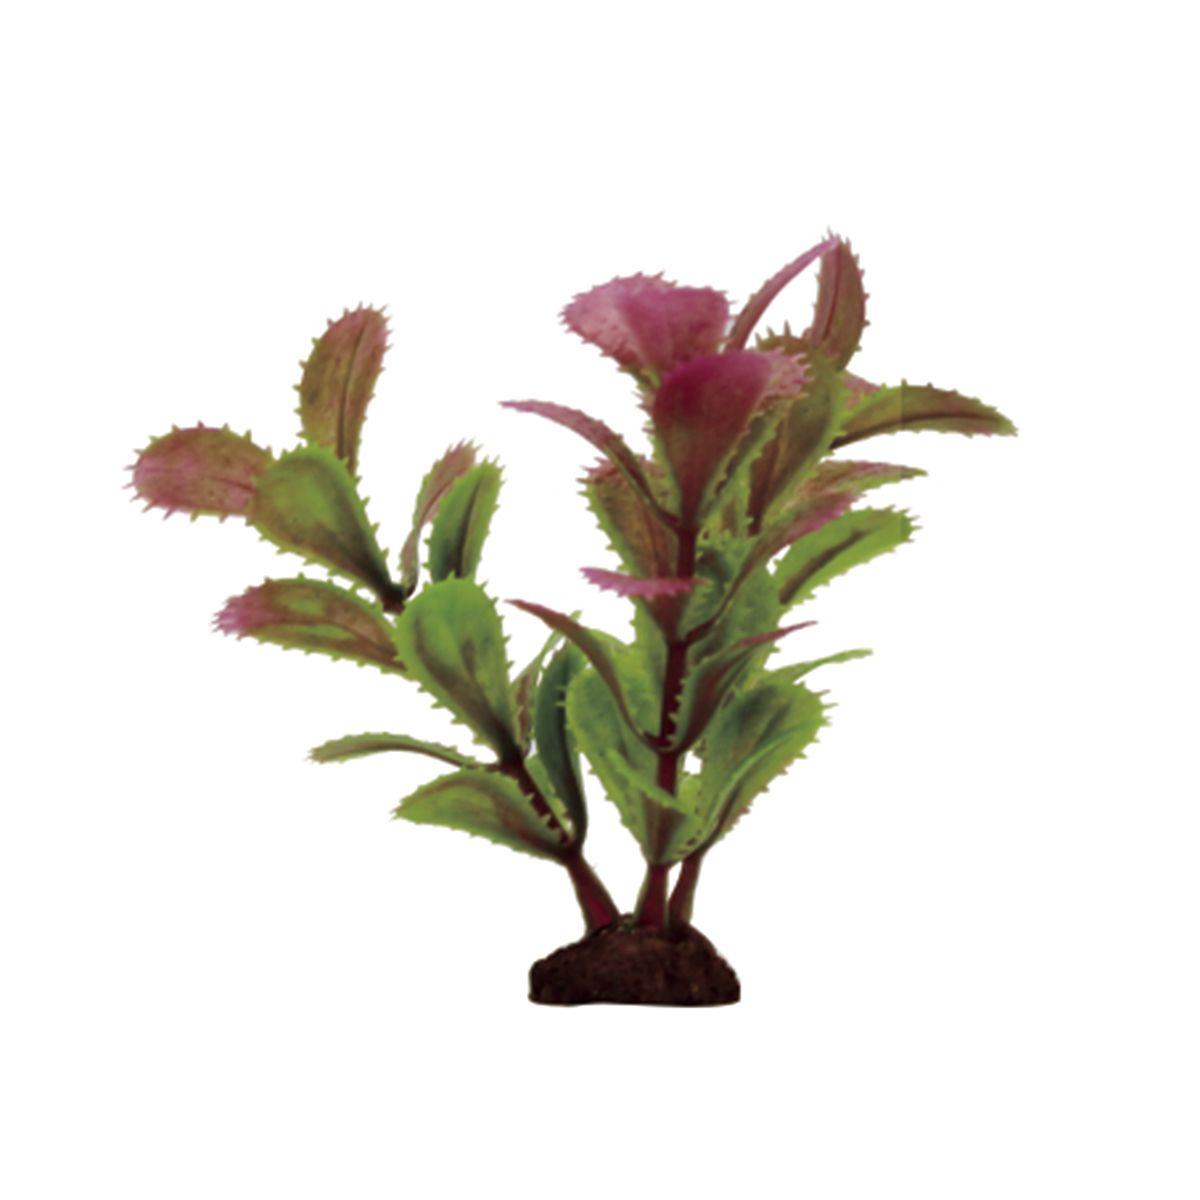 Растение для аквариума ArtUniq Прозерпинака красно-зеленая, высота 10 см, 6 штART-1170501Растение для аквариума ArtUniq Прозерпинака красно-зеленая, высота 10 см, 6 шт